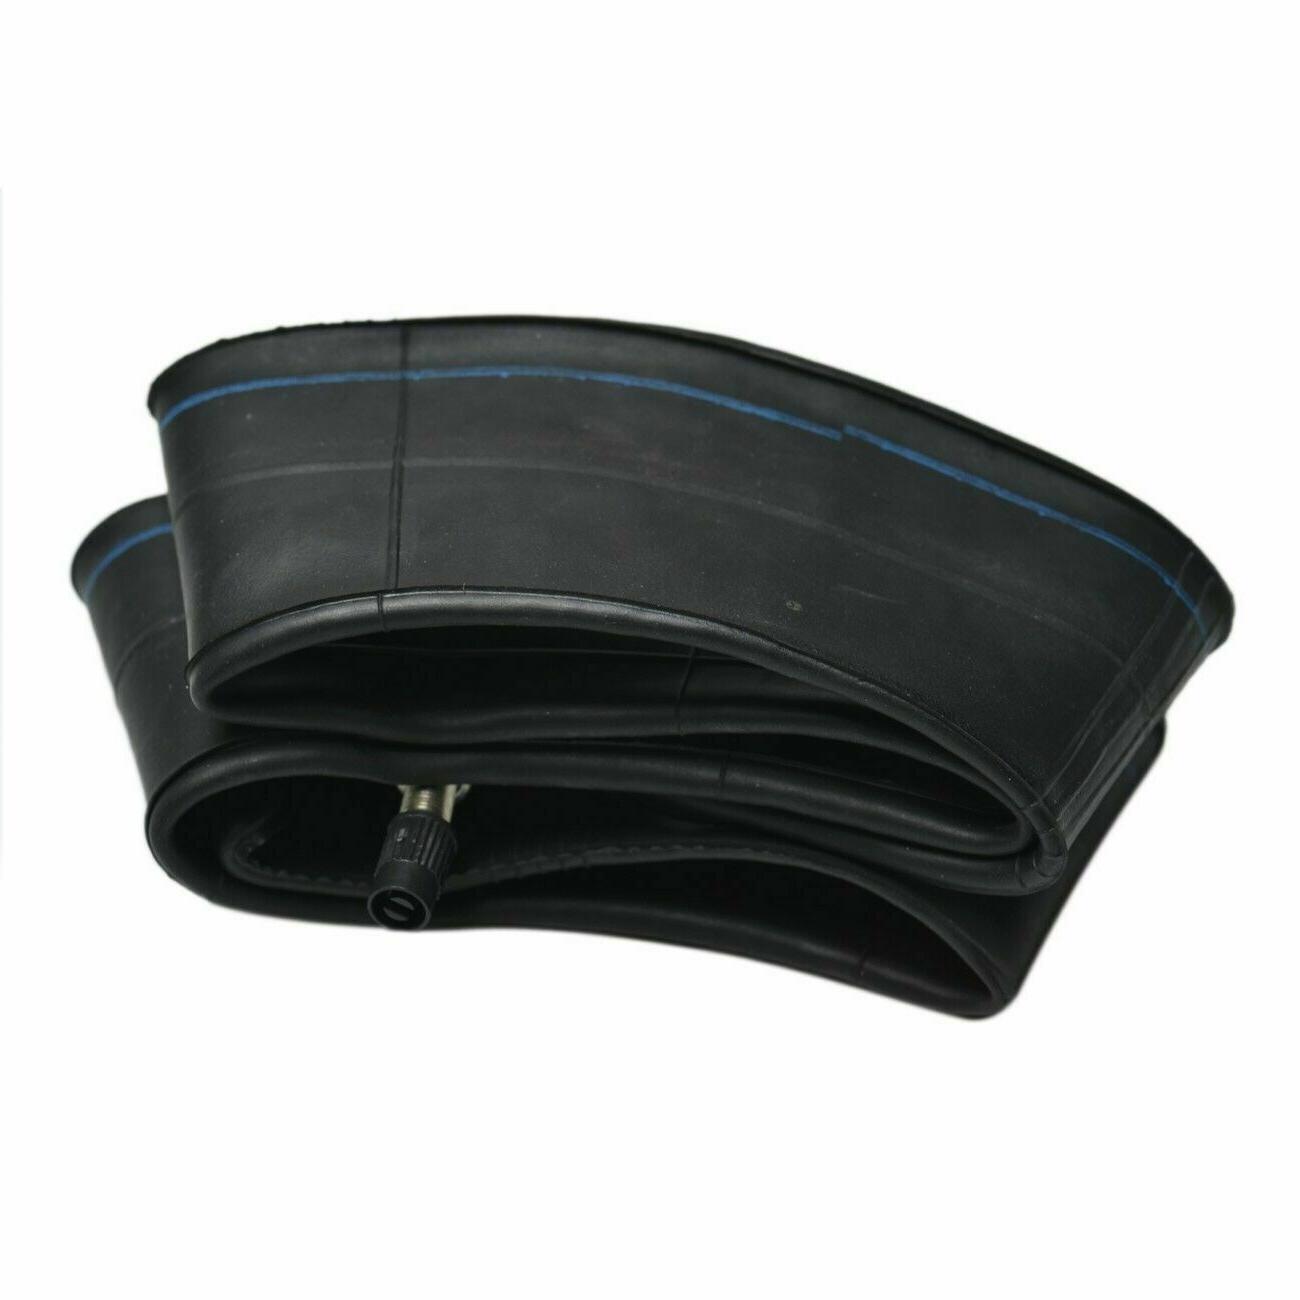 Tires: x size off road tires Kaabo Mantis Zero 10x